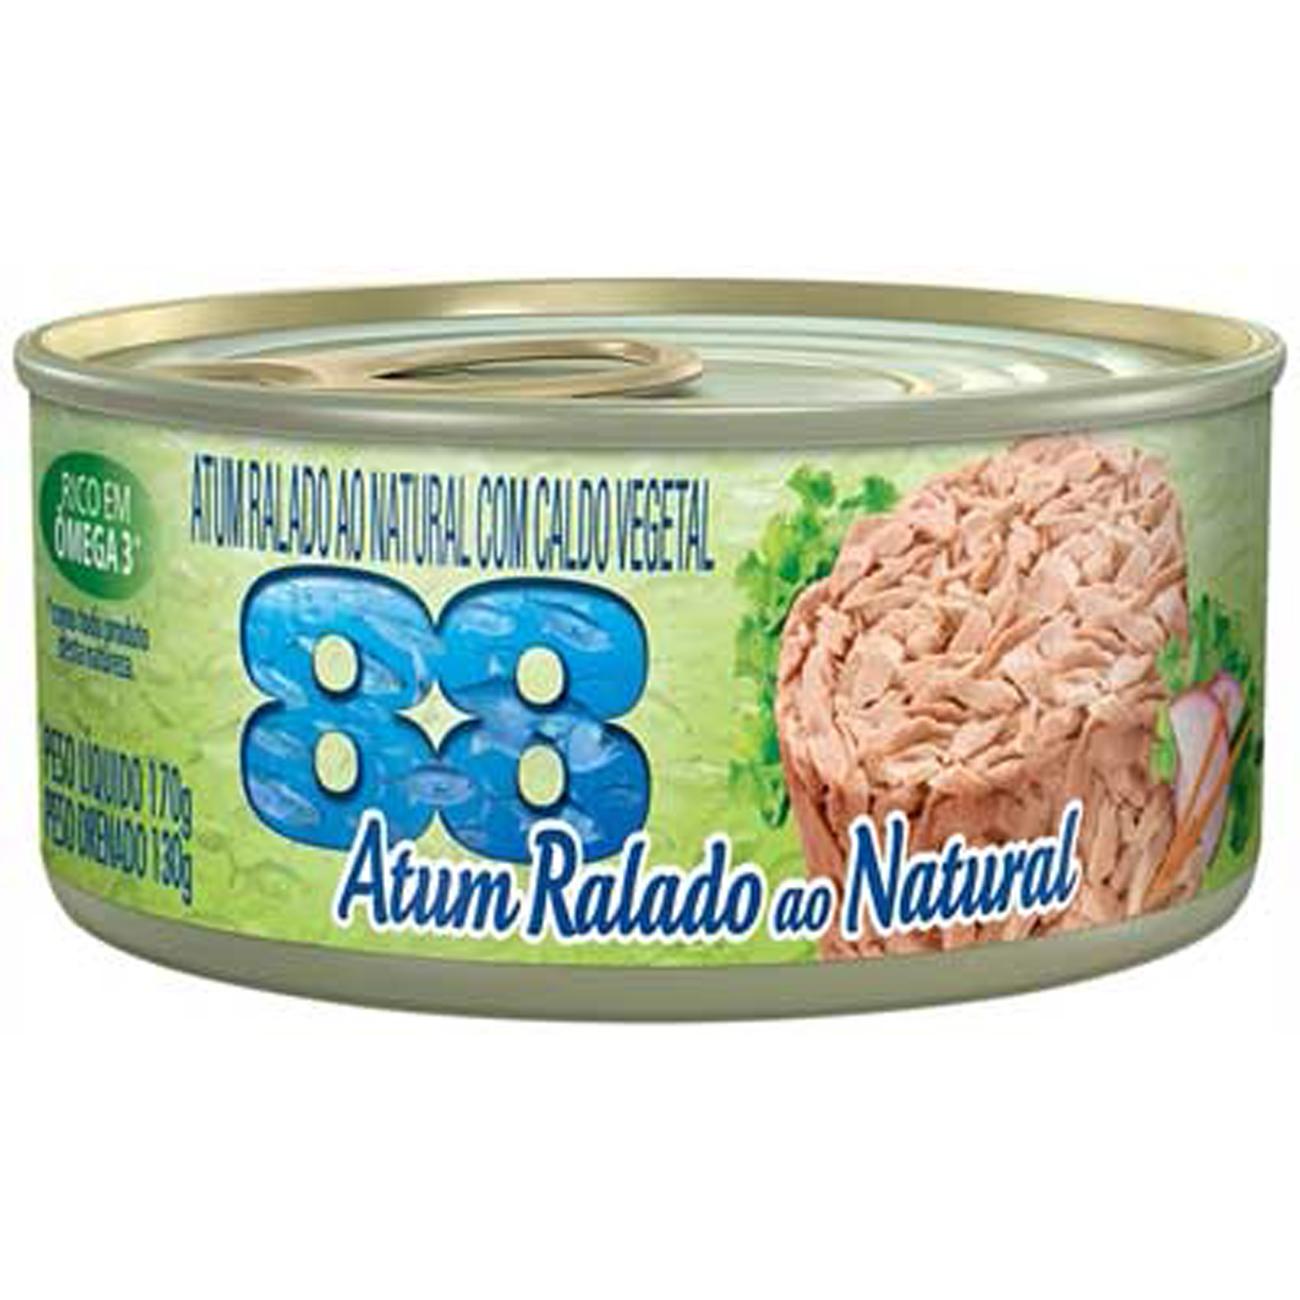 Atum 88 Ralado Natural Light 170G